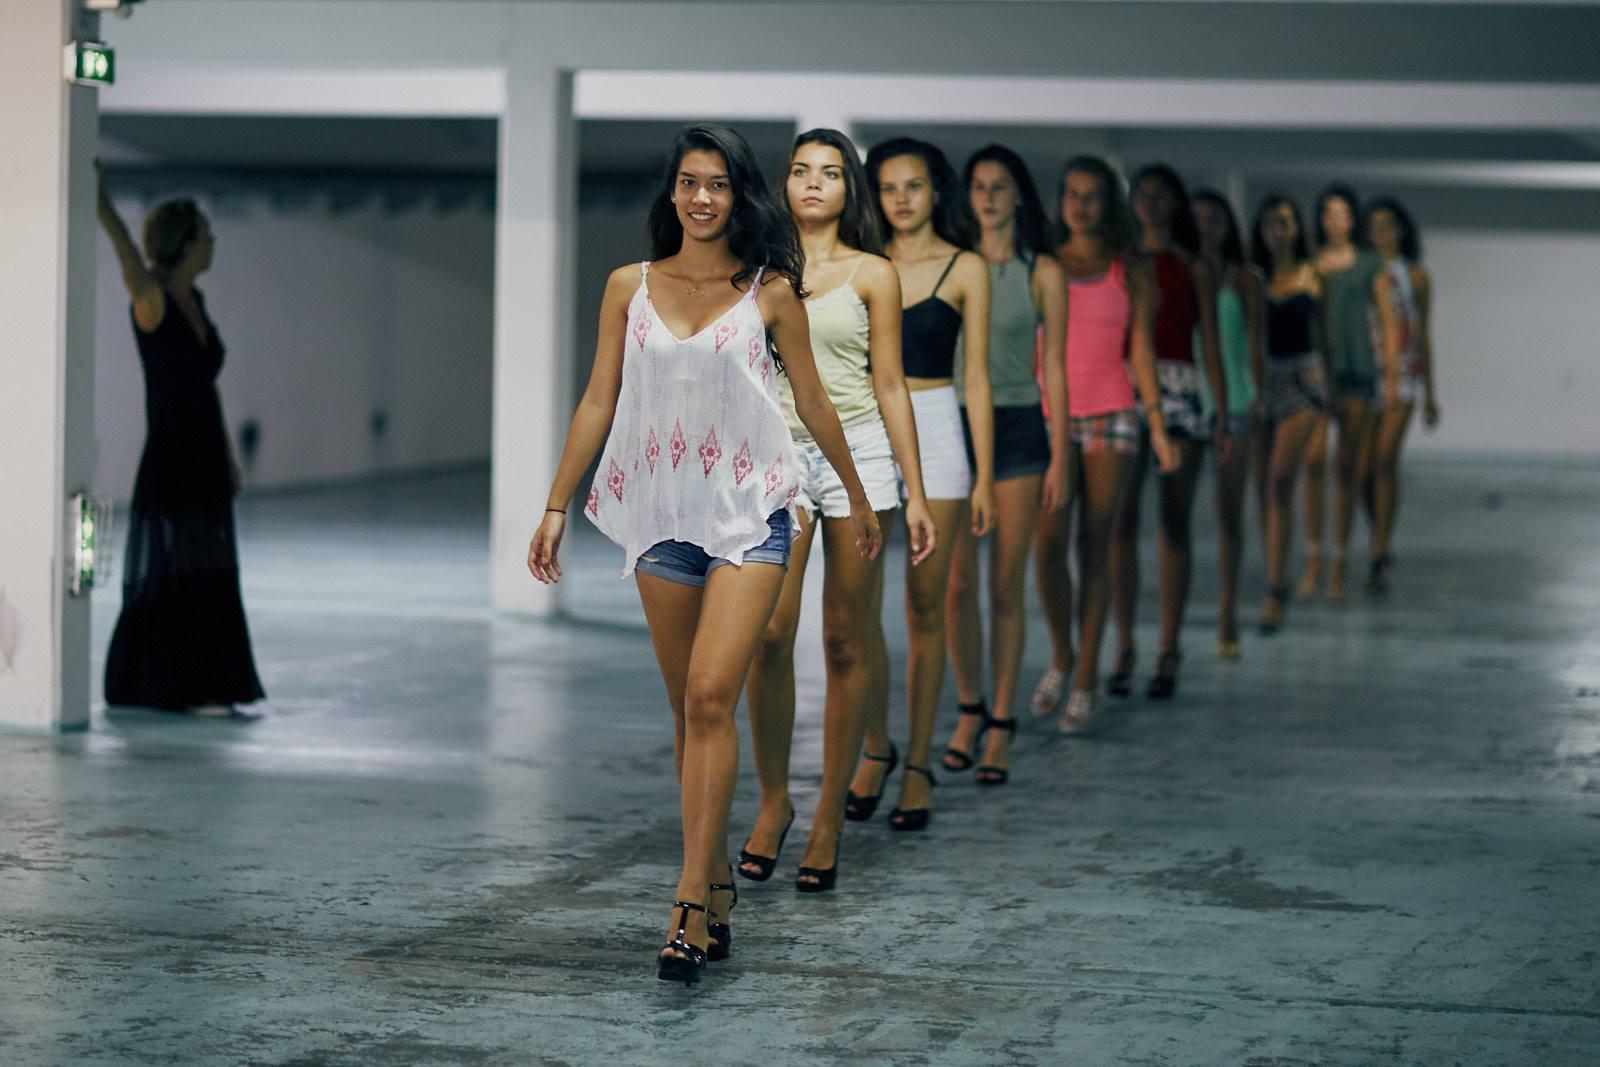 Les douze modèles en lice pour le concours enchaînent les répétitions.